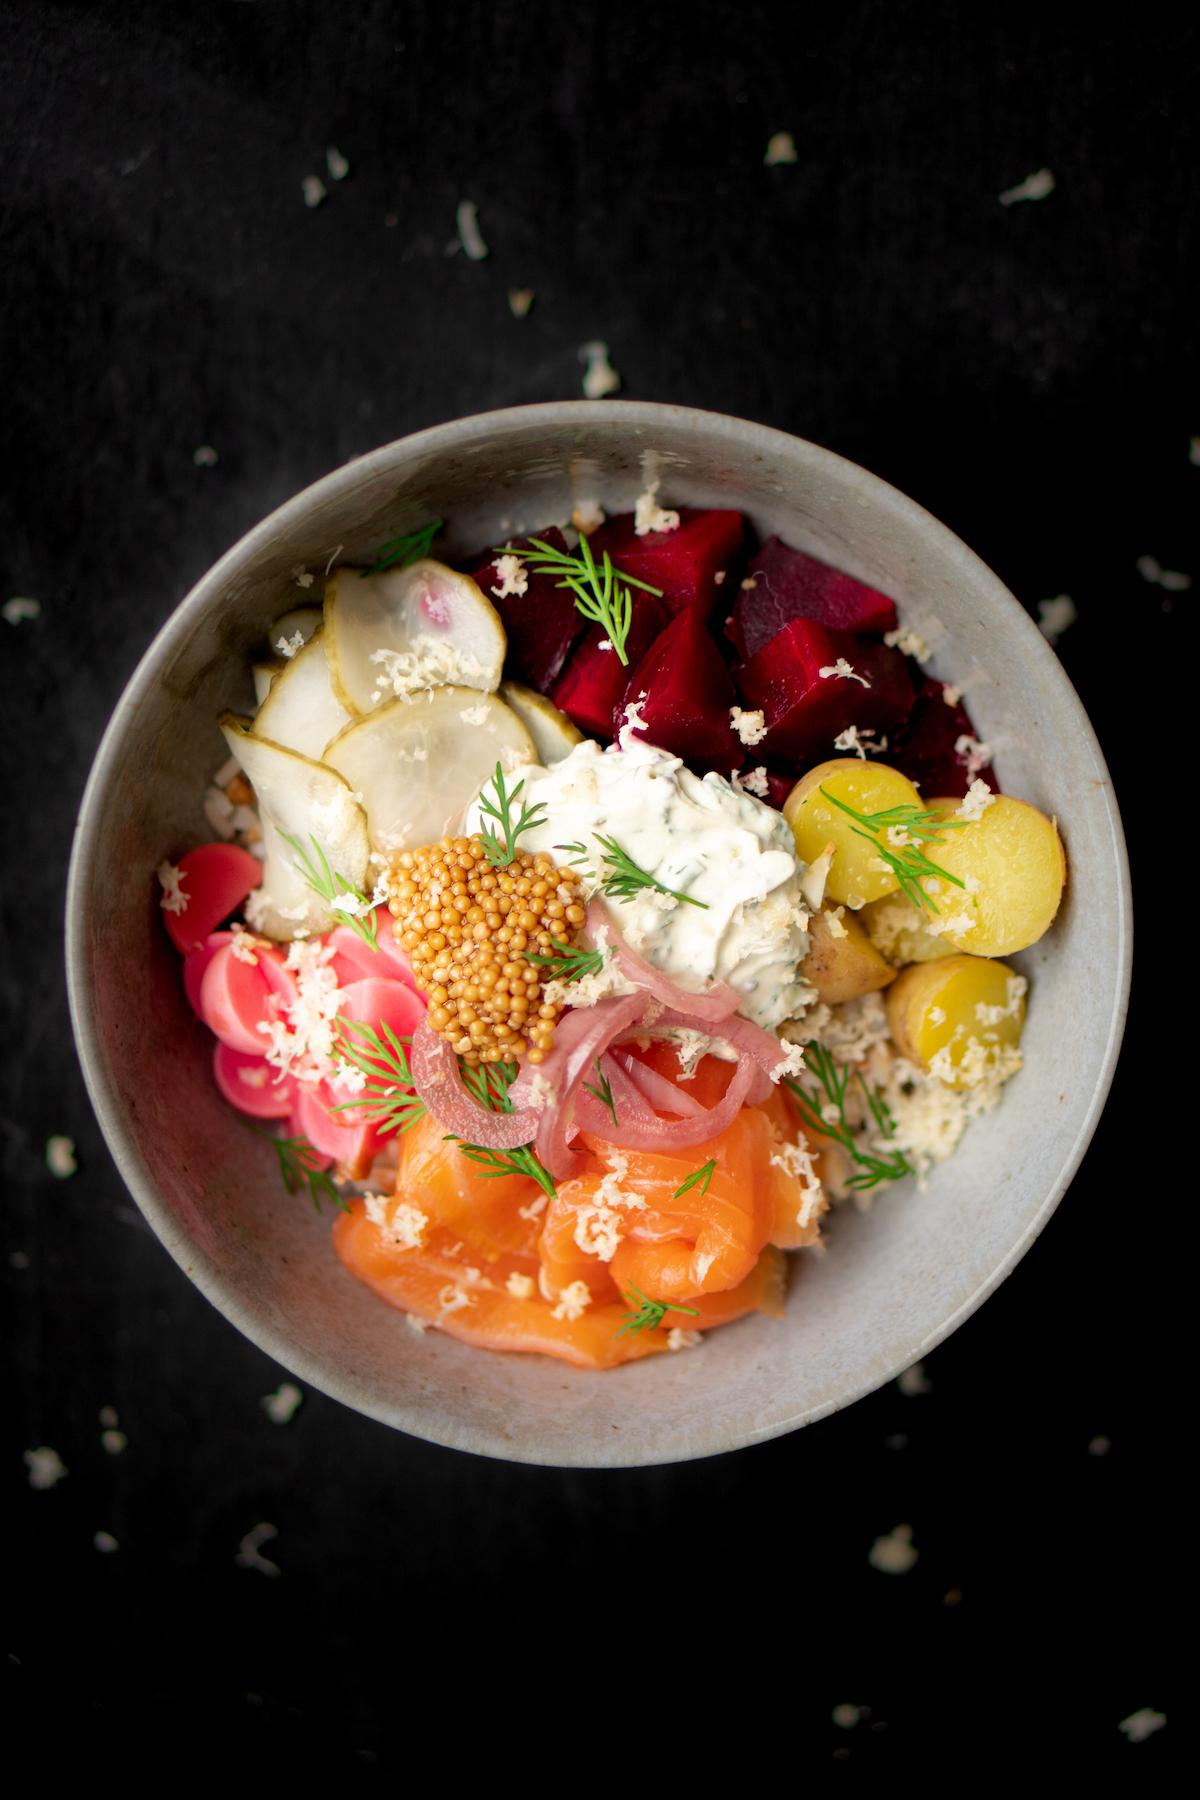 Wat eten we vandaag? Rijstbowl met zalm en mierikswortel